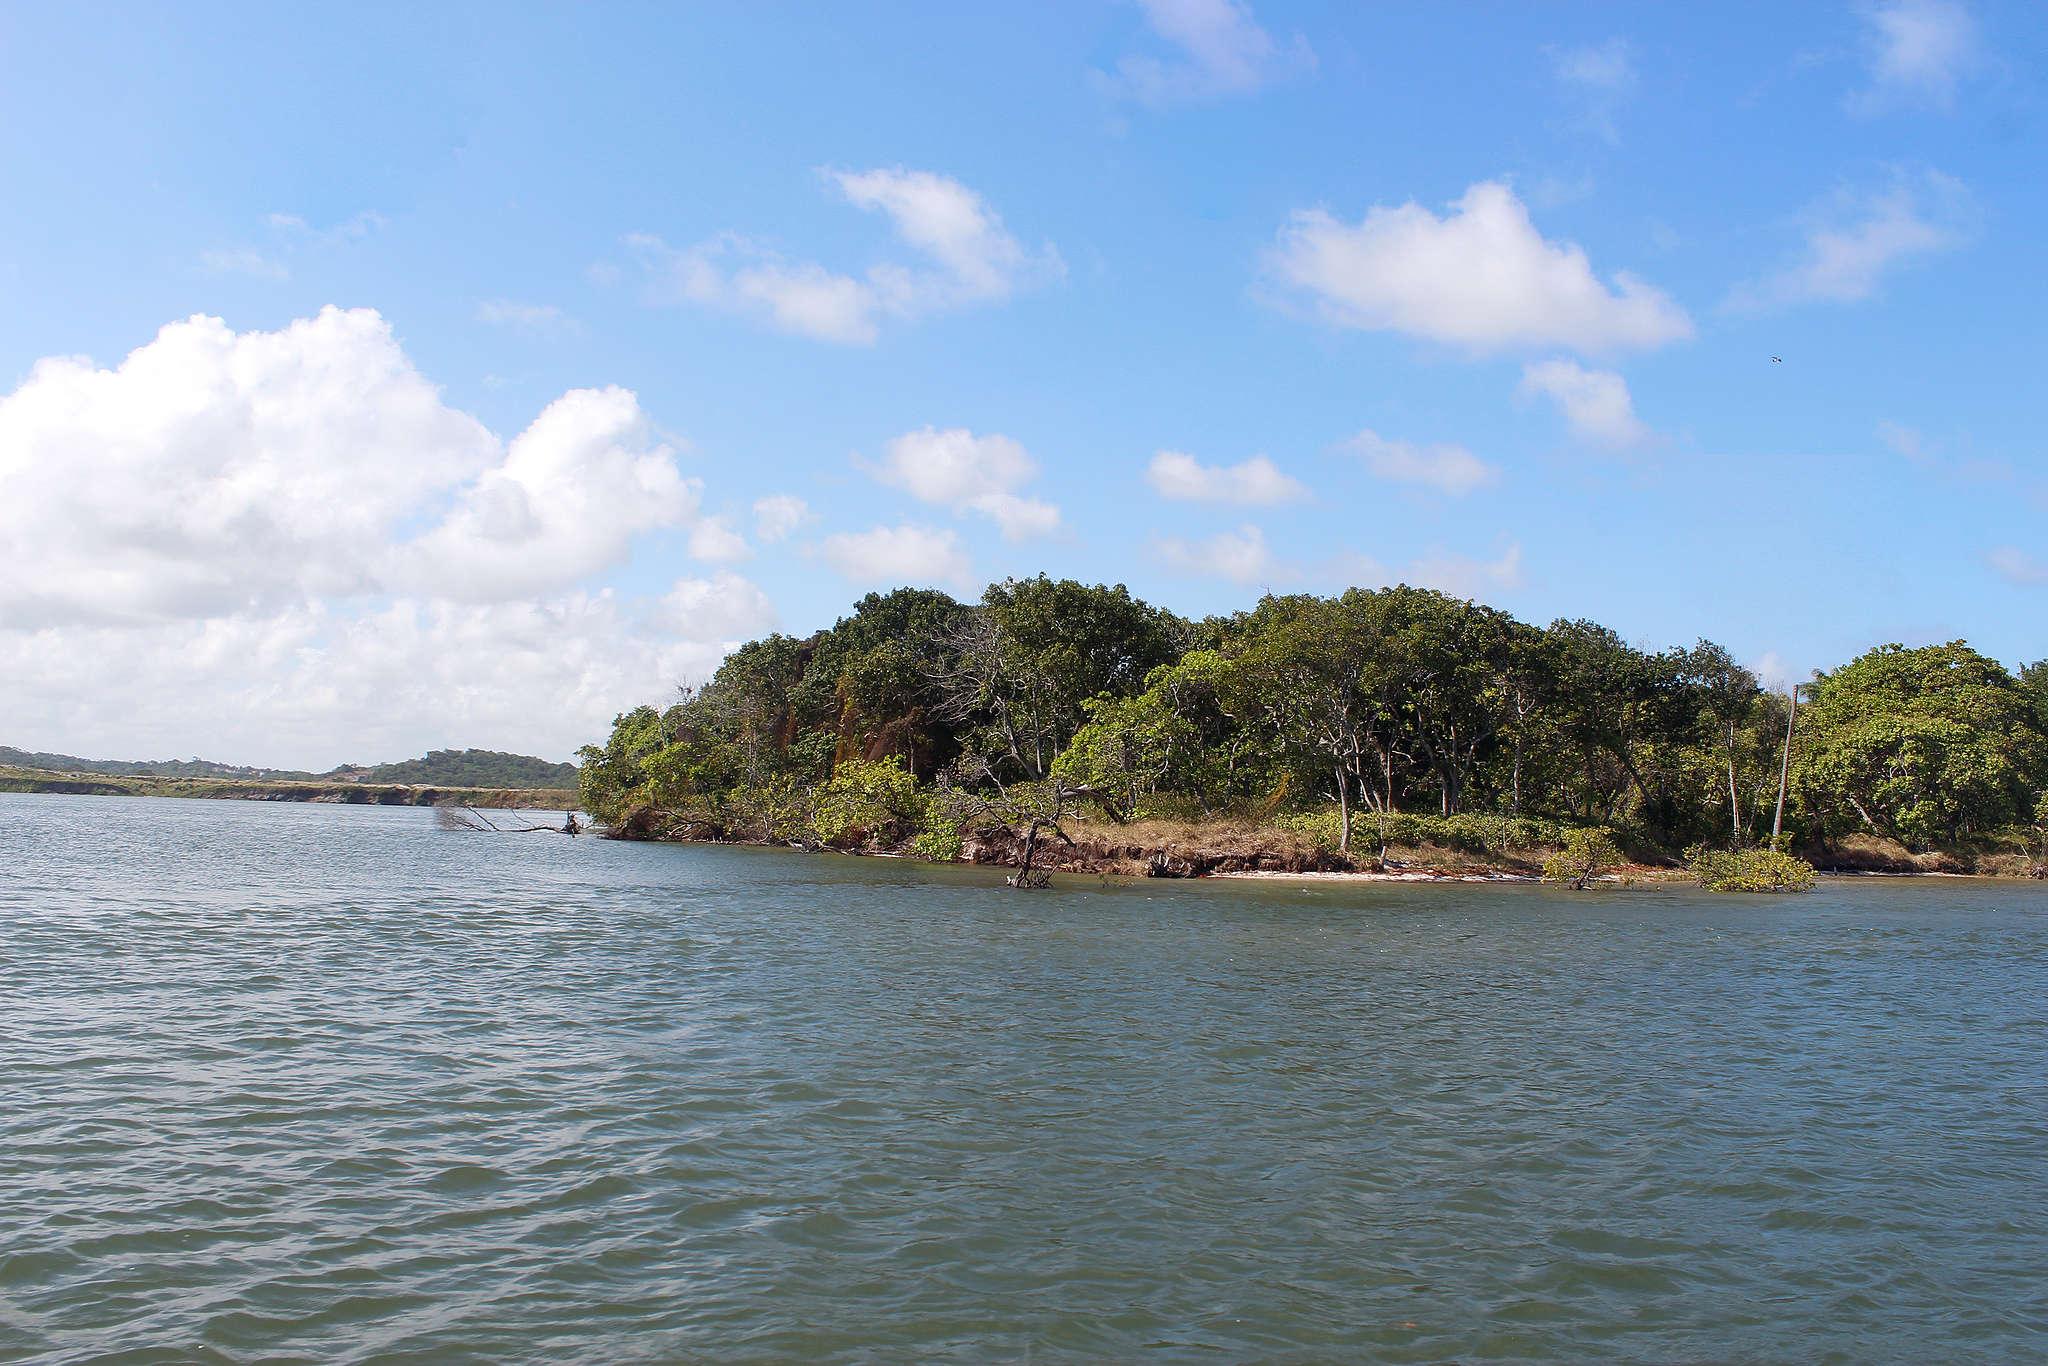 Mangue em Suape, região de muitos pescadores e marisqueiras, que estão sendo impactados pelas manchas de óleo que chegam ao Nordeste.